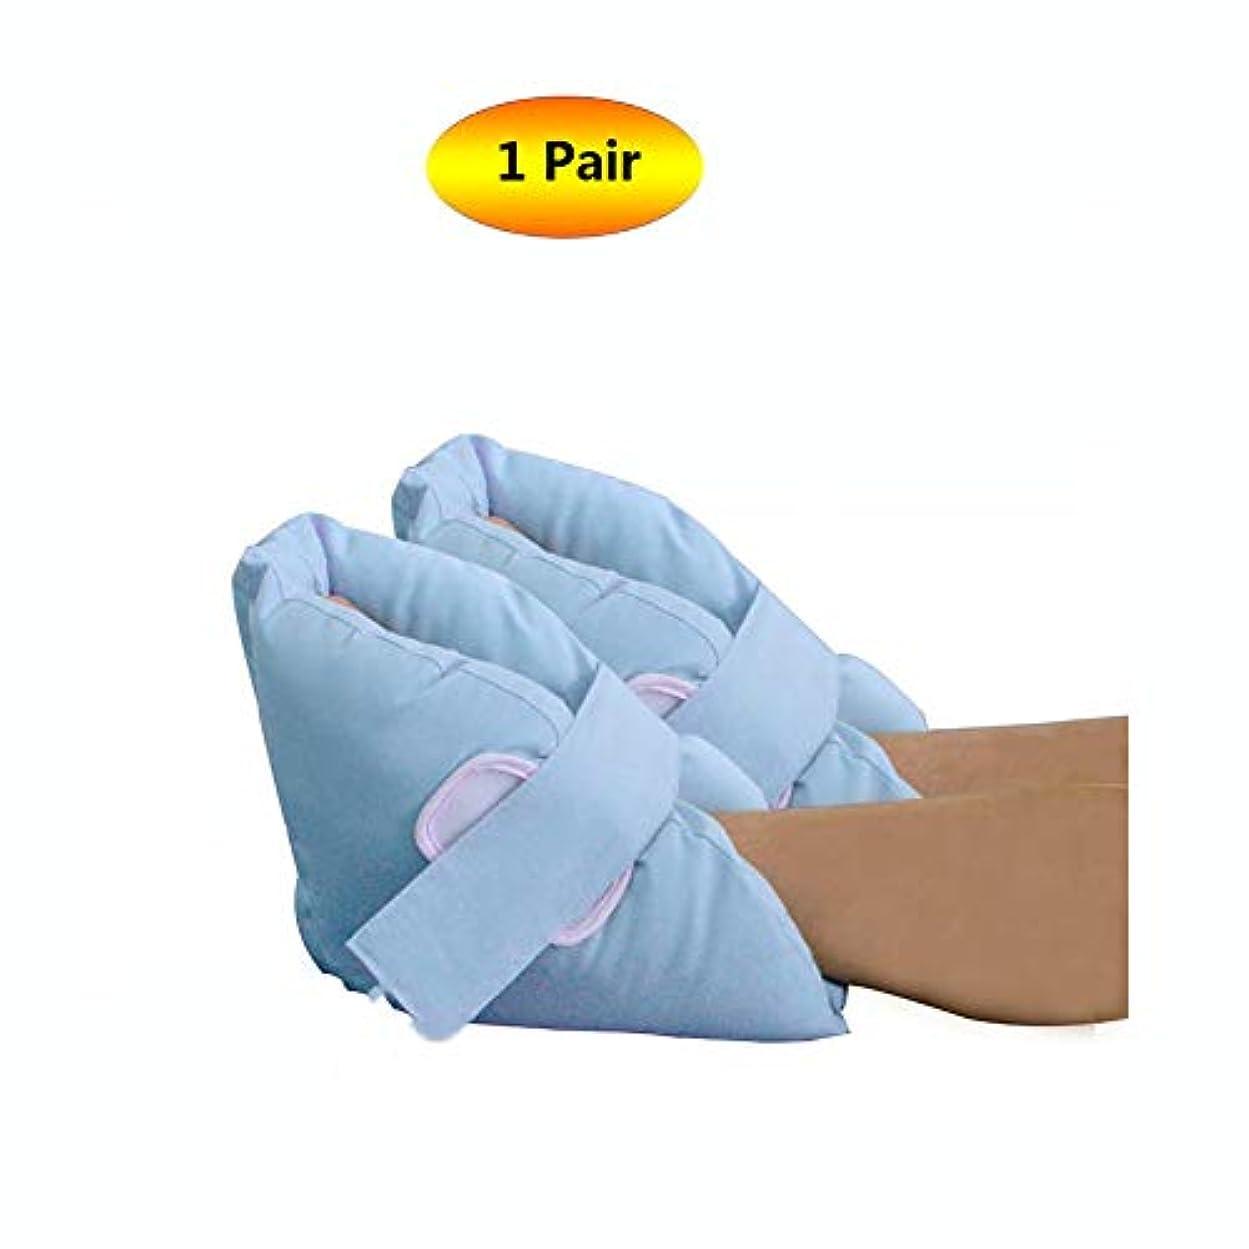 ファイアルロバ検閲ヒールプロテクター枕ソフト慰め、ヒールフロートヒールプロテクター、高齢者の足補正カバー - ブルー